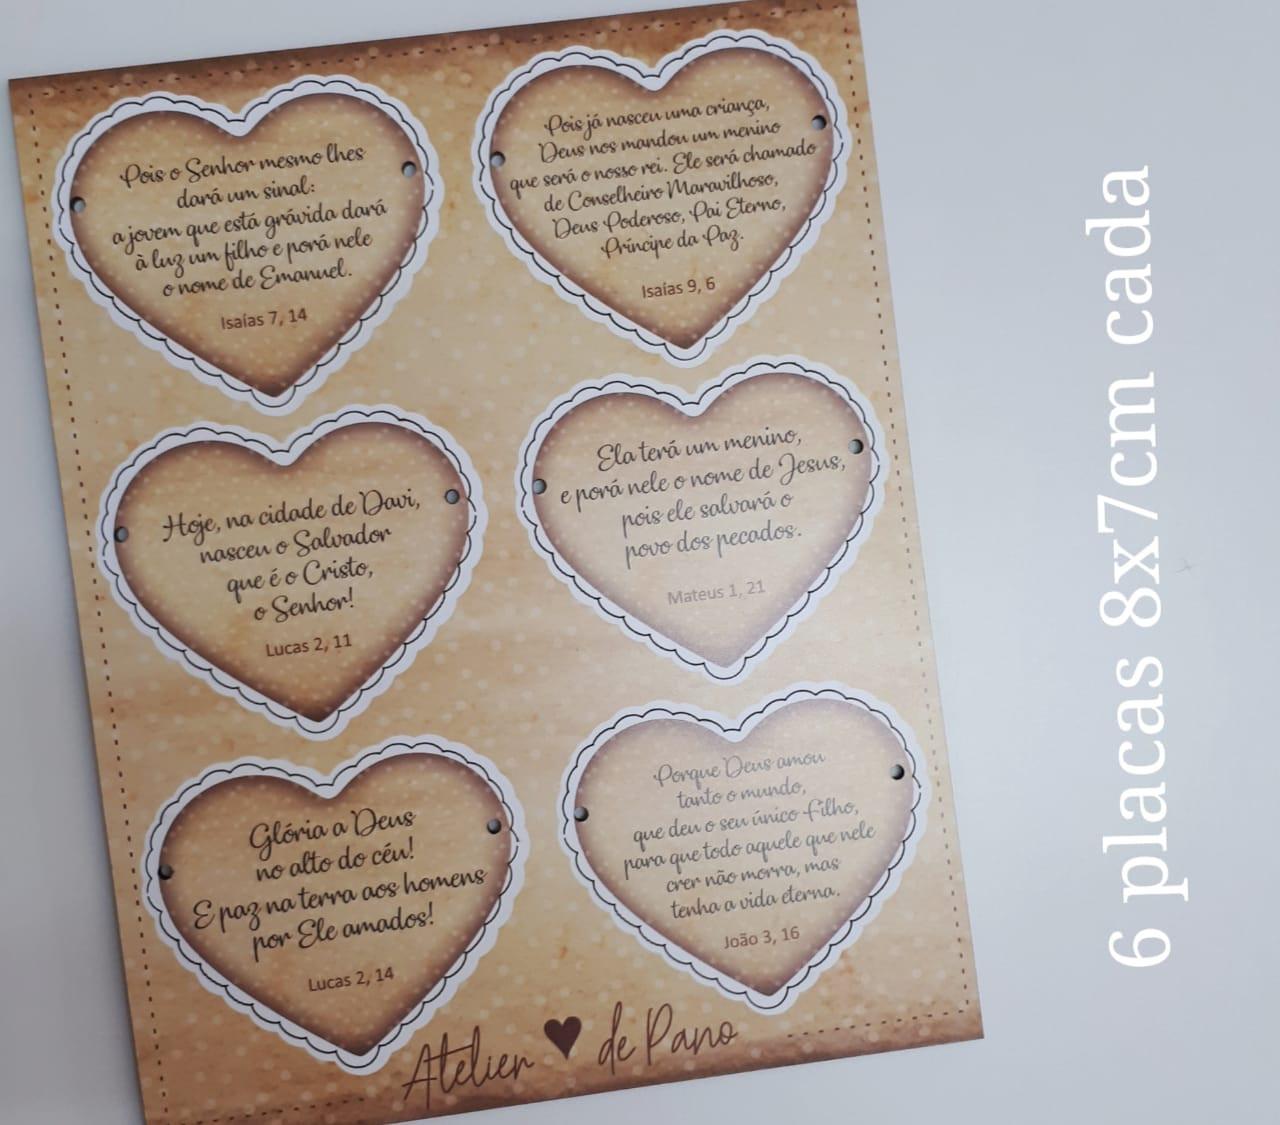 Tag Decorativa - 6 Plaquinhas Coração (8 x 7 cm)